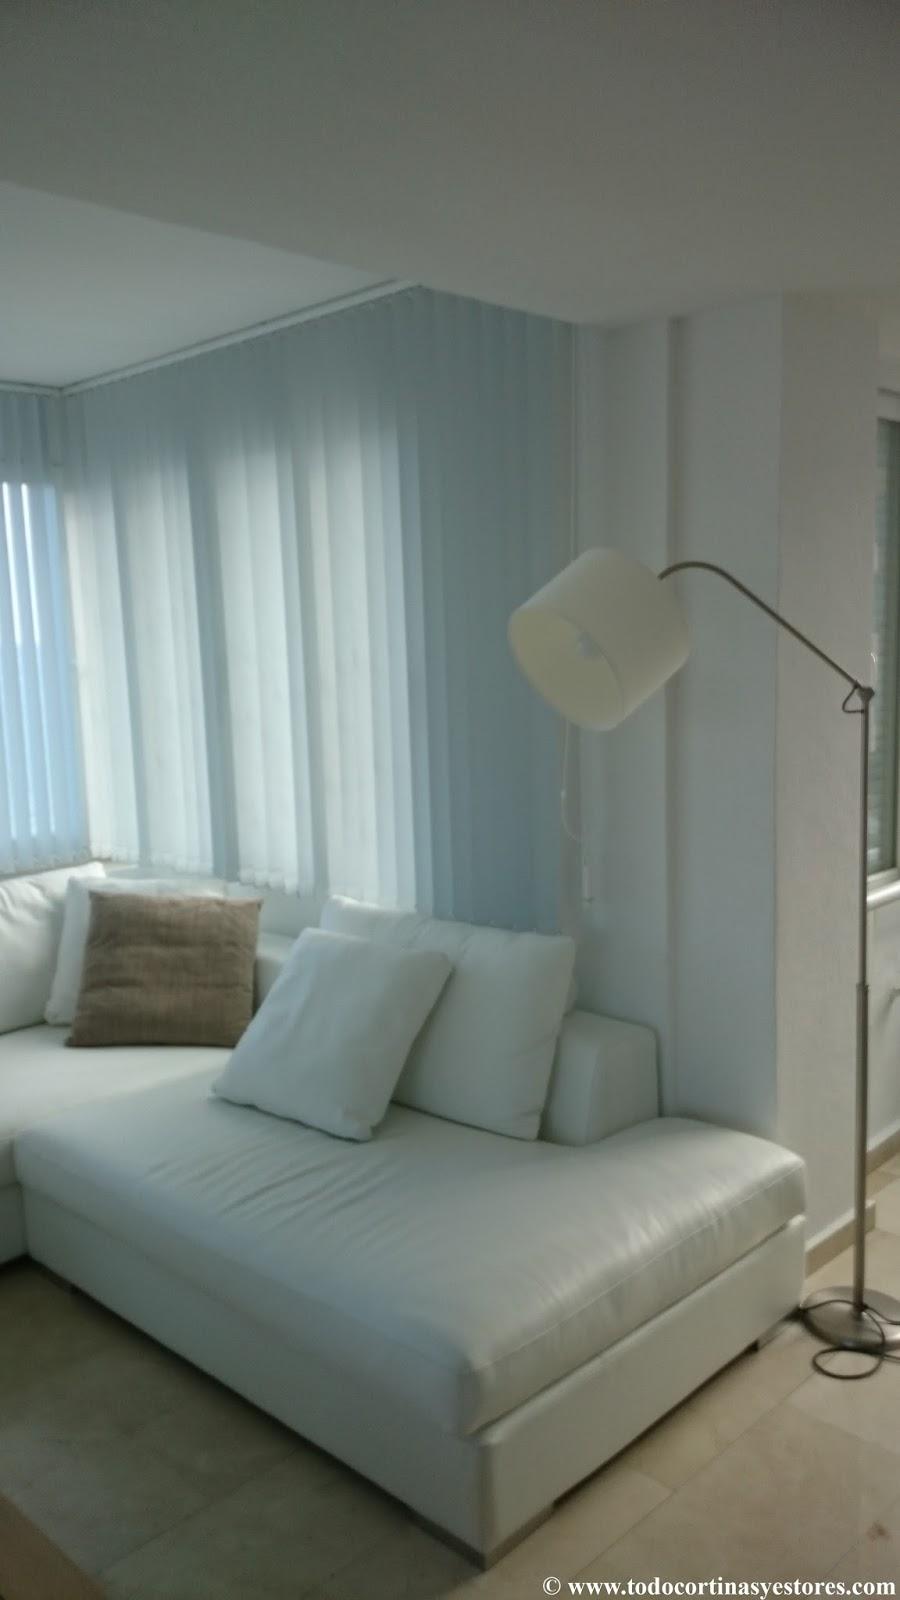 Decoracion interior cortinas verticales estores for Cortinas opacas blancas